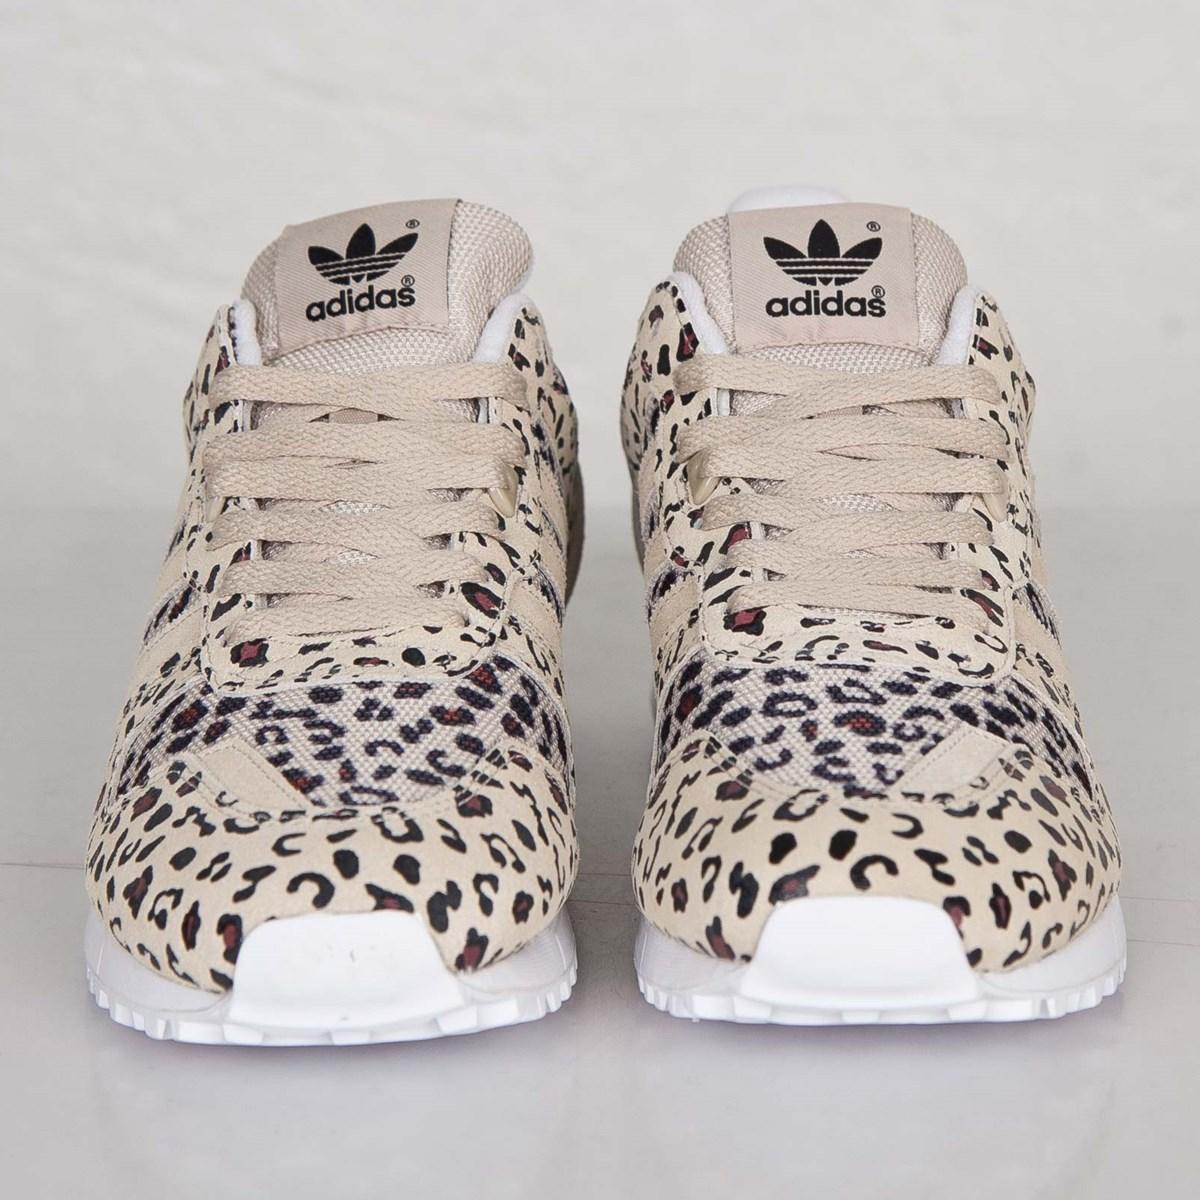 Adidas Men's Originals ZX 700 Shoes Dust Sand(B34330